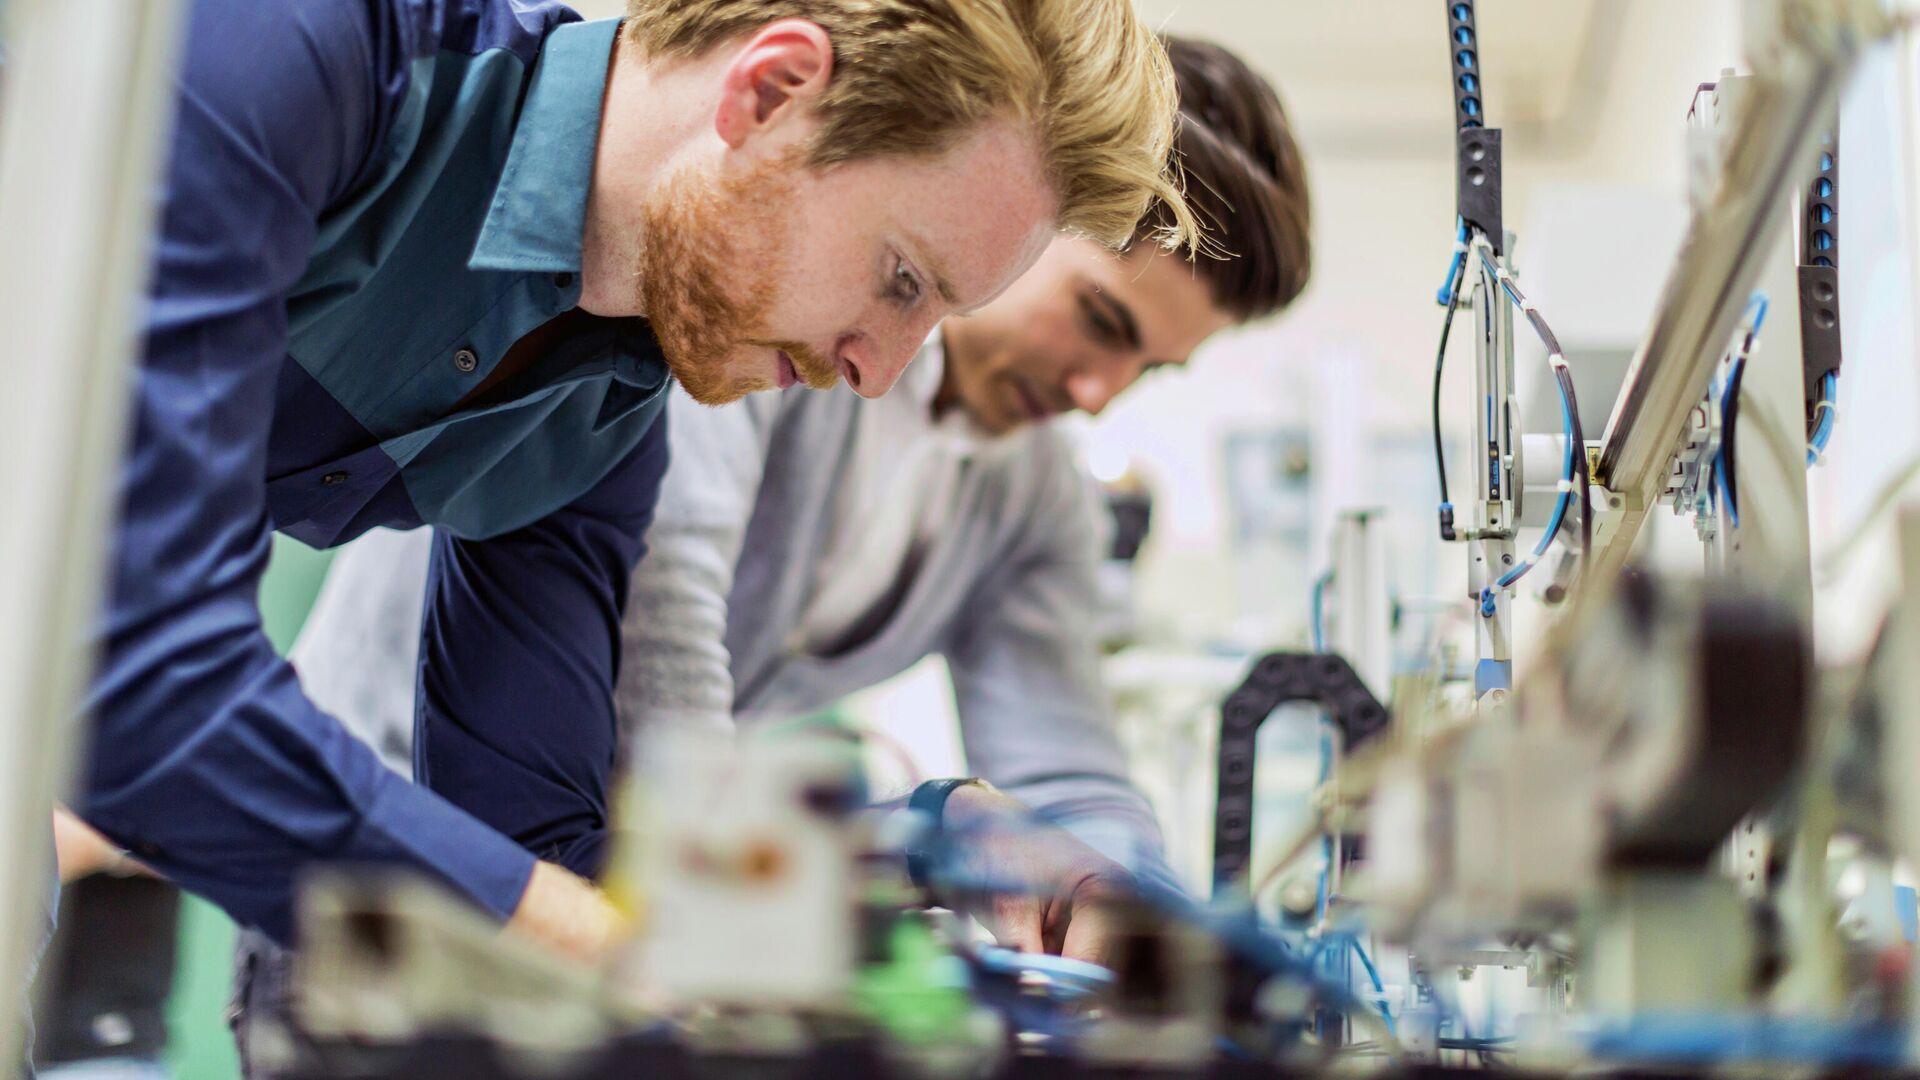 Инженеры во время работы над электронными компонентами микросхемы - РИА Новости, 1920, 25.03.2021